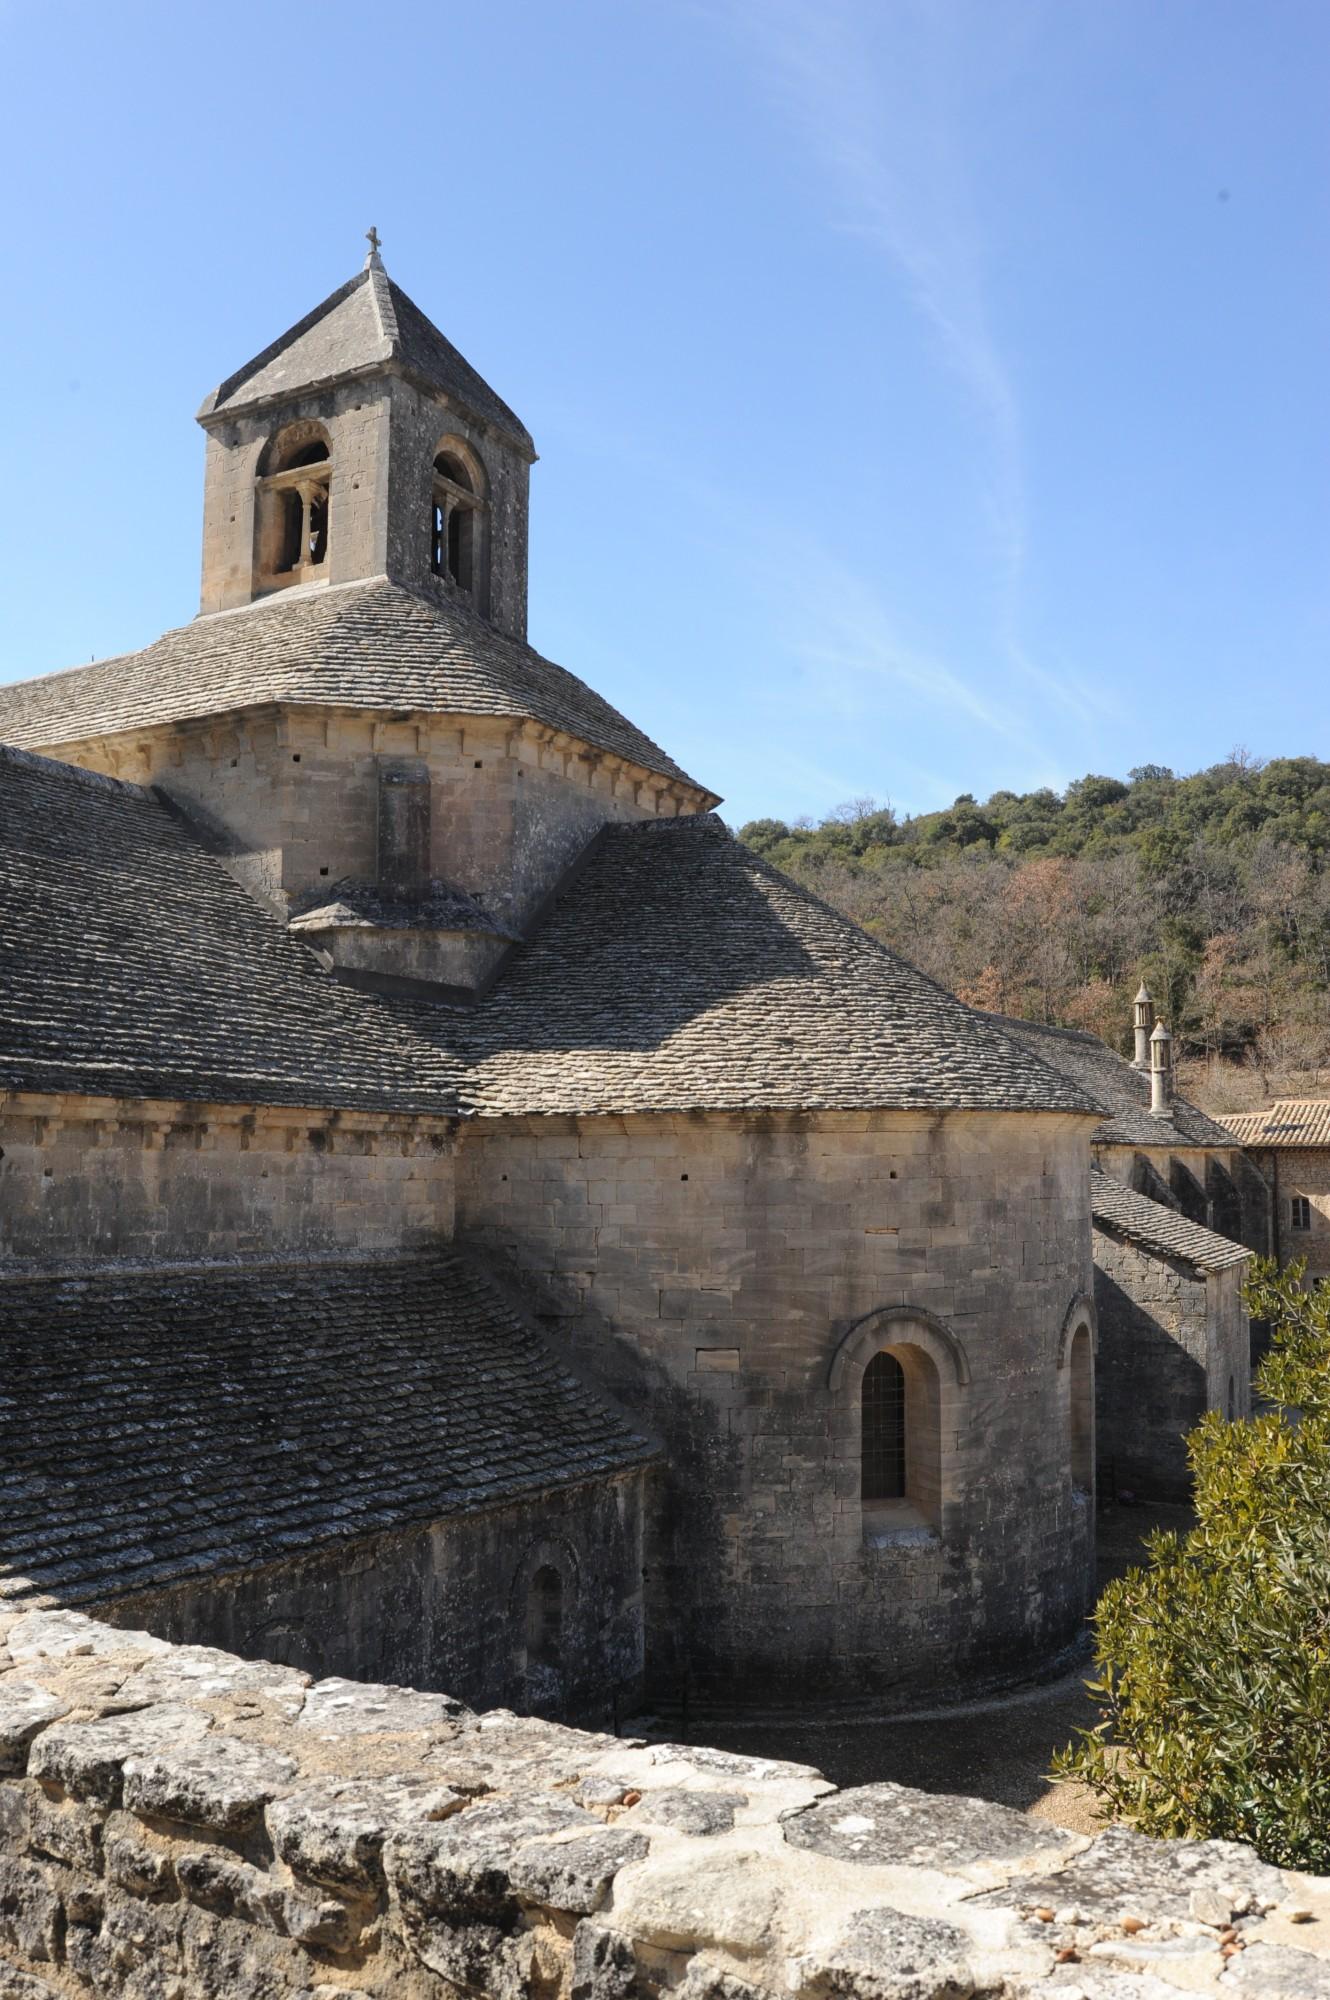 Eglise de Notre-Dame de Sénanque, Gordes